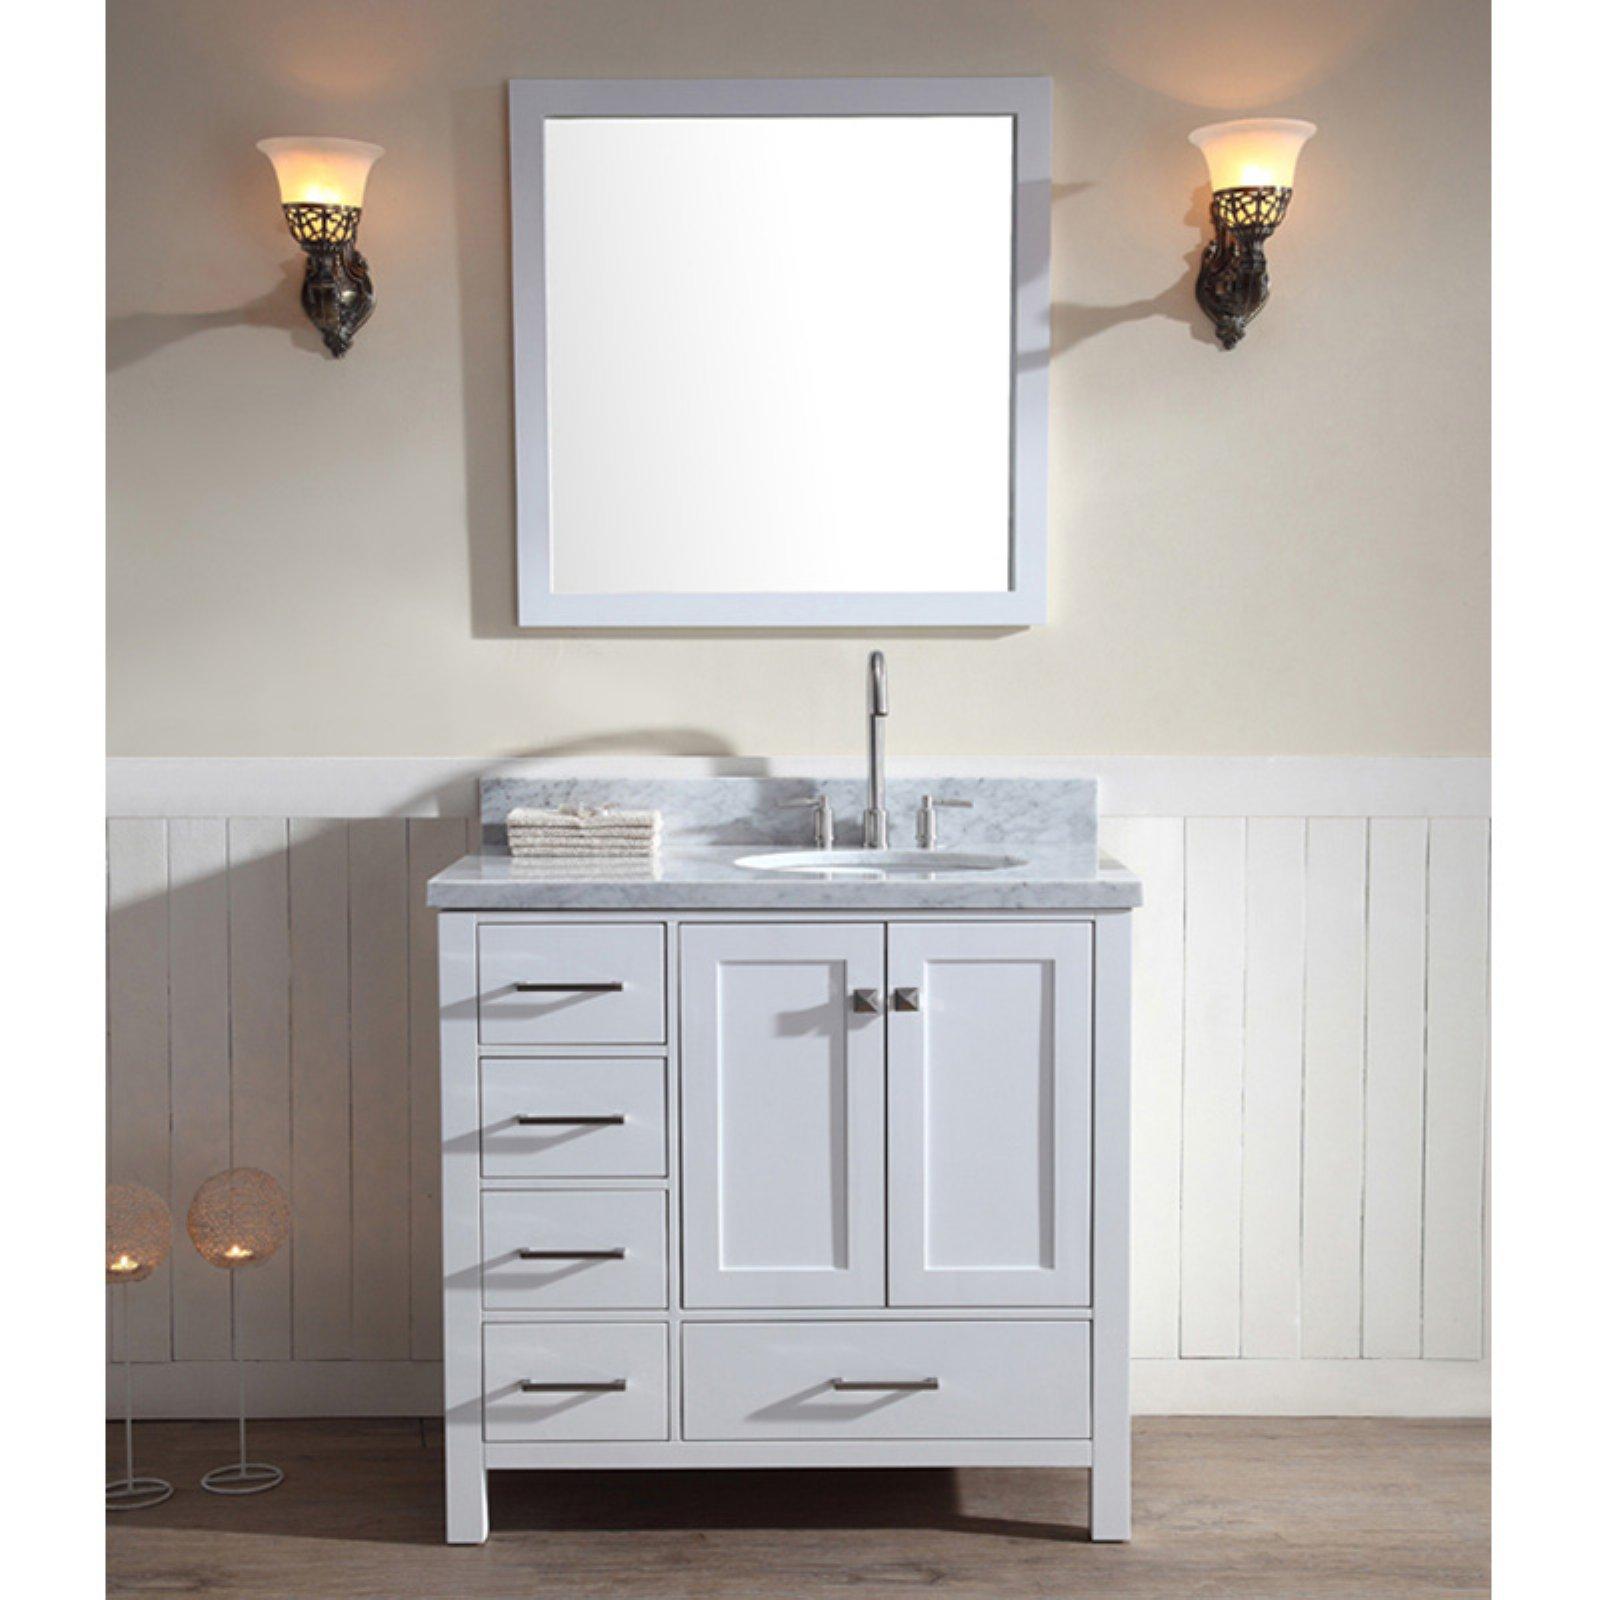 Ariel A037s R Cambridge 37 In Single Bathroom Vanity Set With